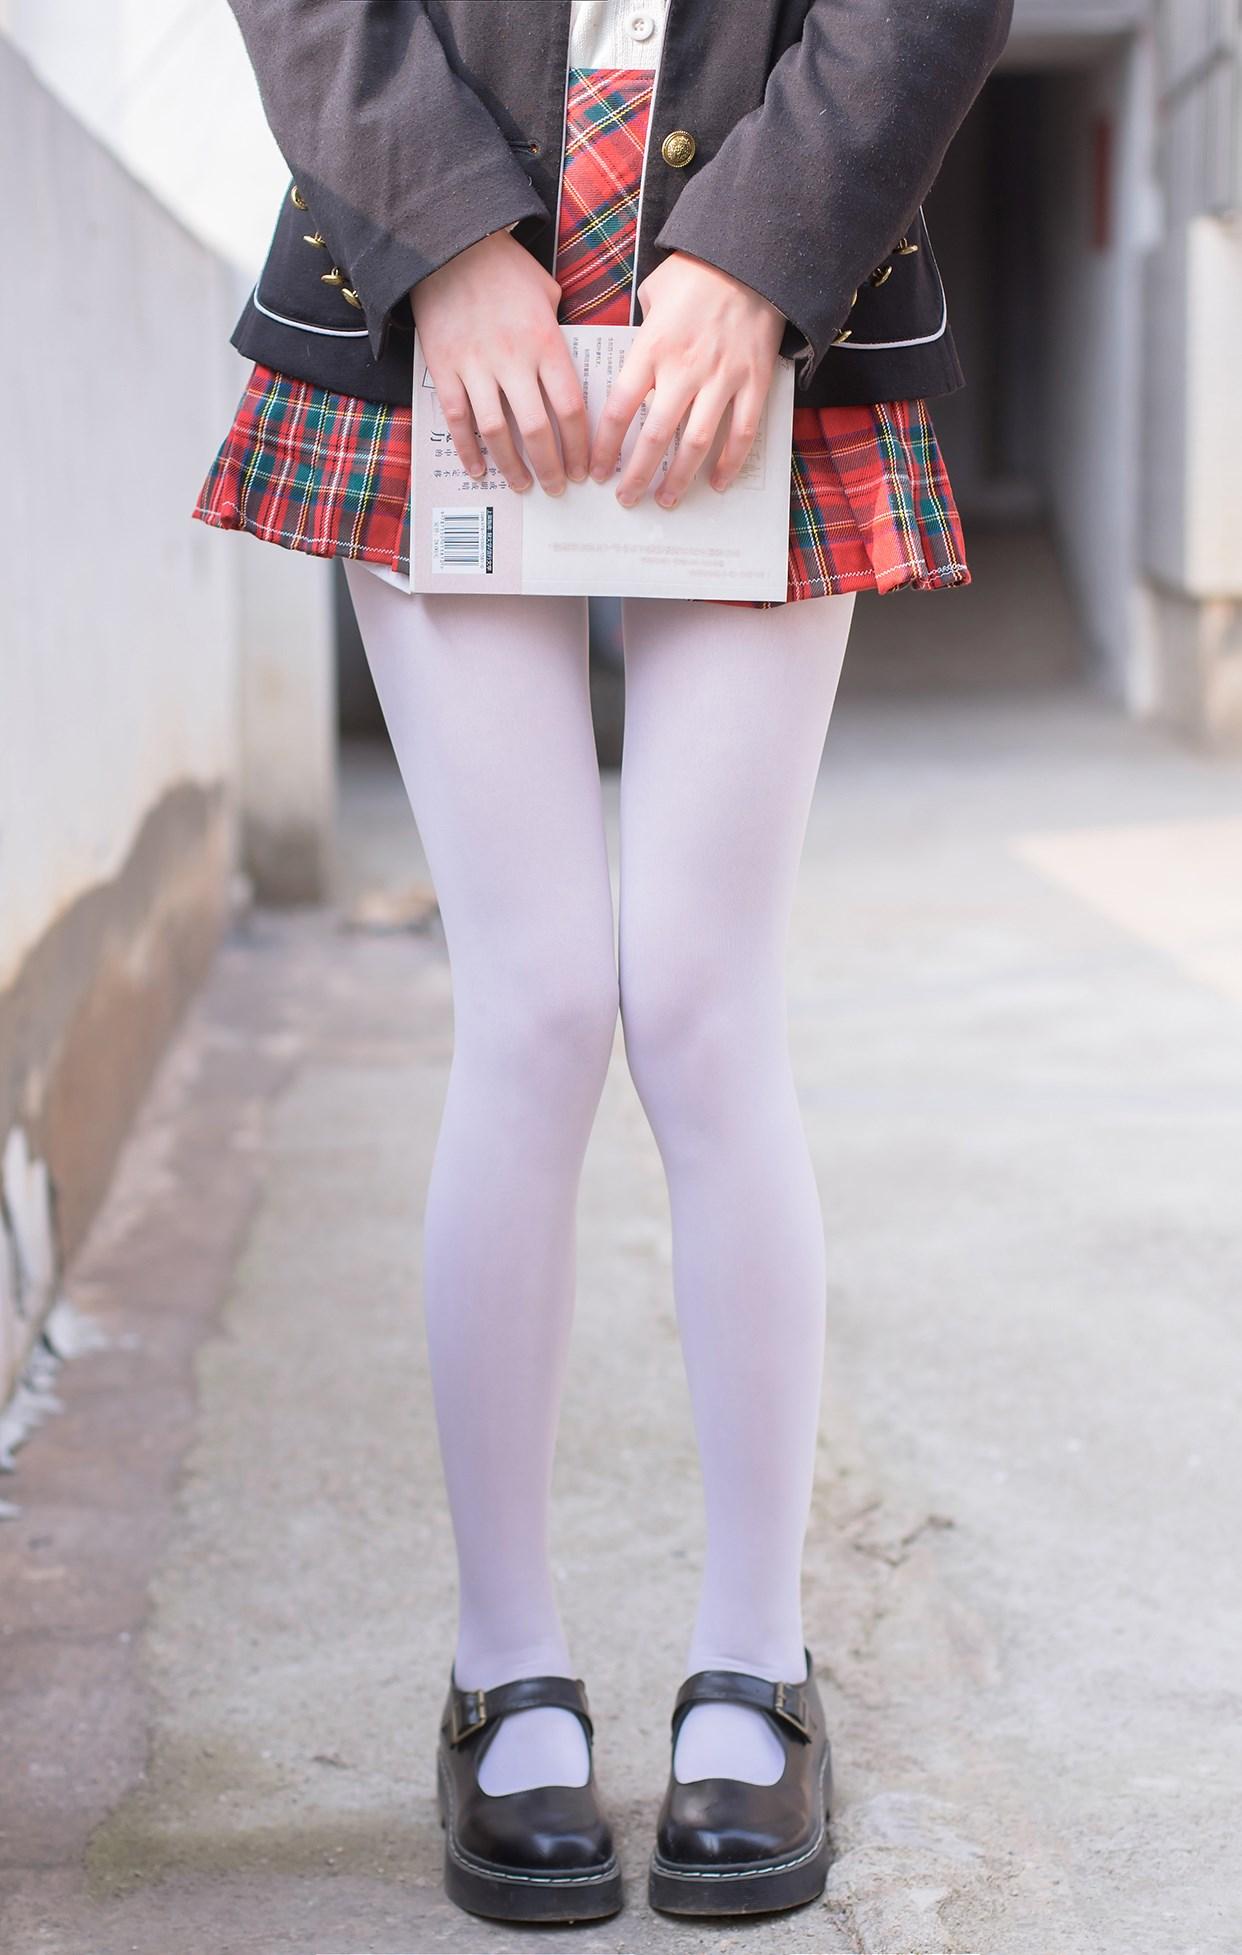 【兔玩映画】白丝萝莉腿竟然这么长! 兔玩映画 第1张